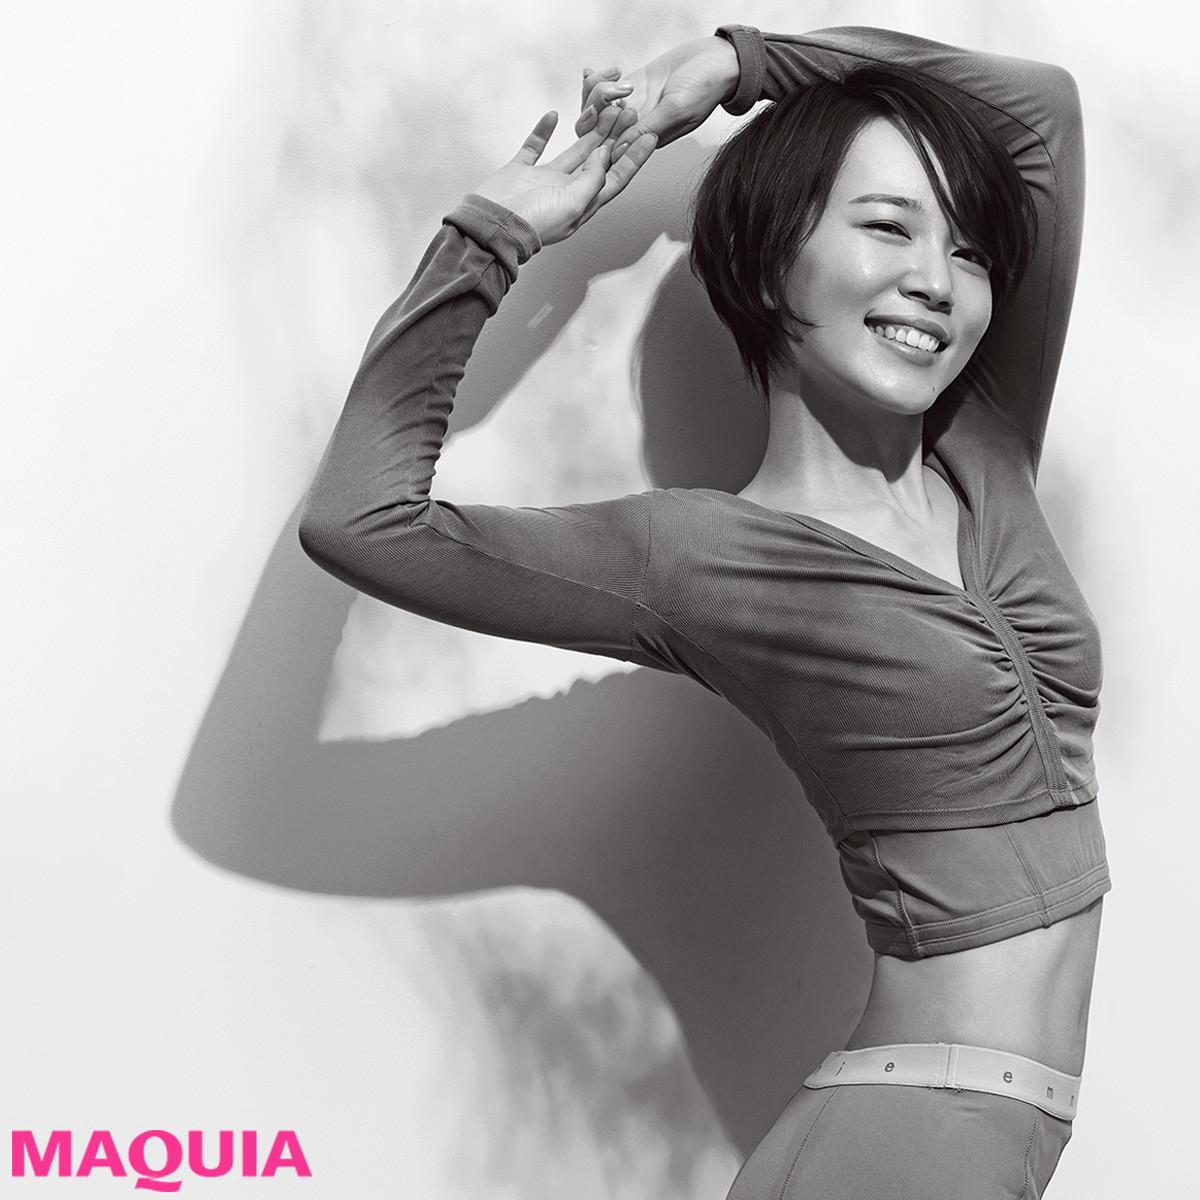 【創刊14周年インタビュー】ダイエット美容家・本島彩帆里さん「誰かと比べず自分基準で。」